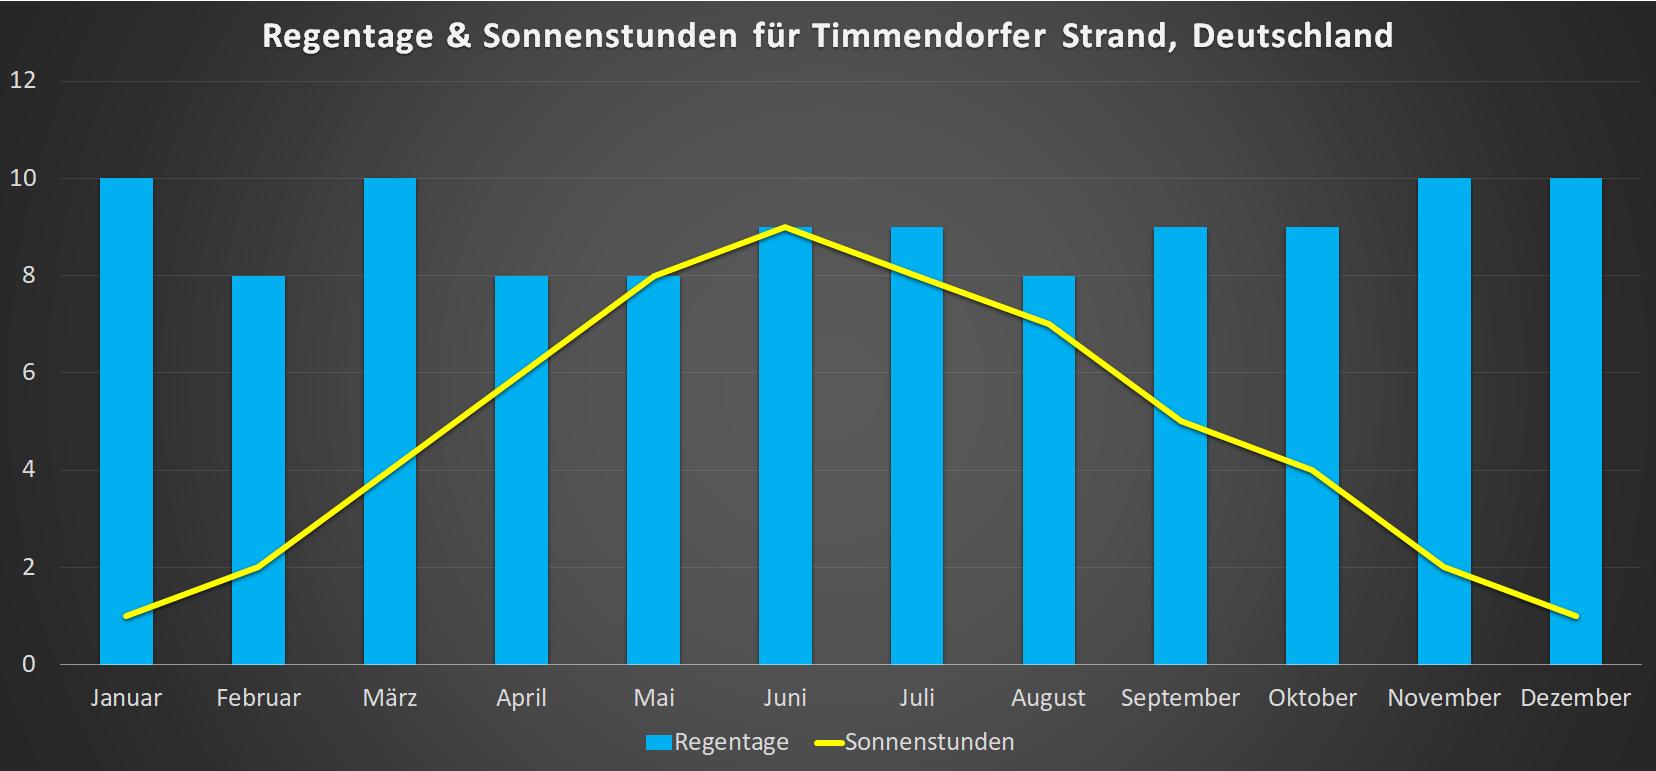 Sonnenstunden & Regentage für Timmendorfer Strand im Jahresverlauf